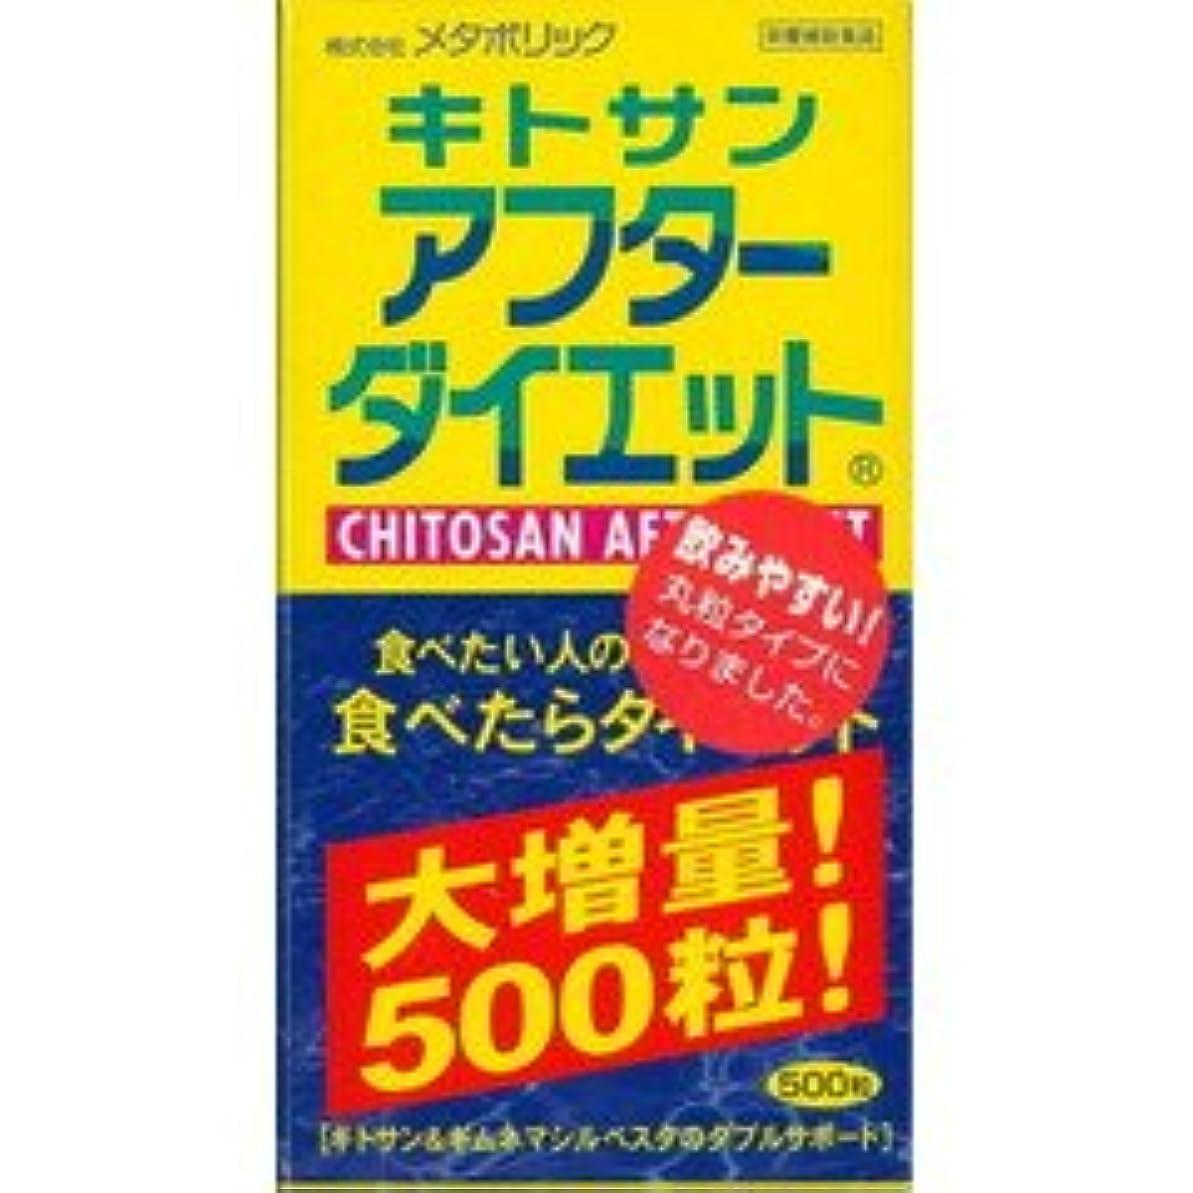 遊び場ワークショップフルーツメタボリック キトサン アフターダイエット 500粒入り